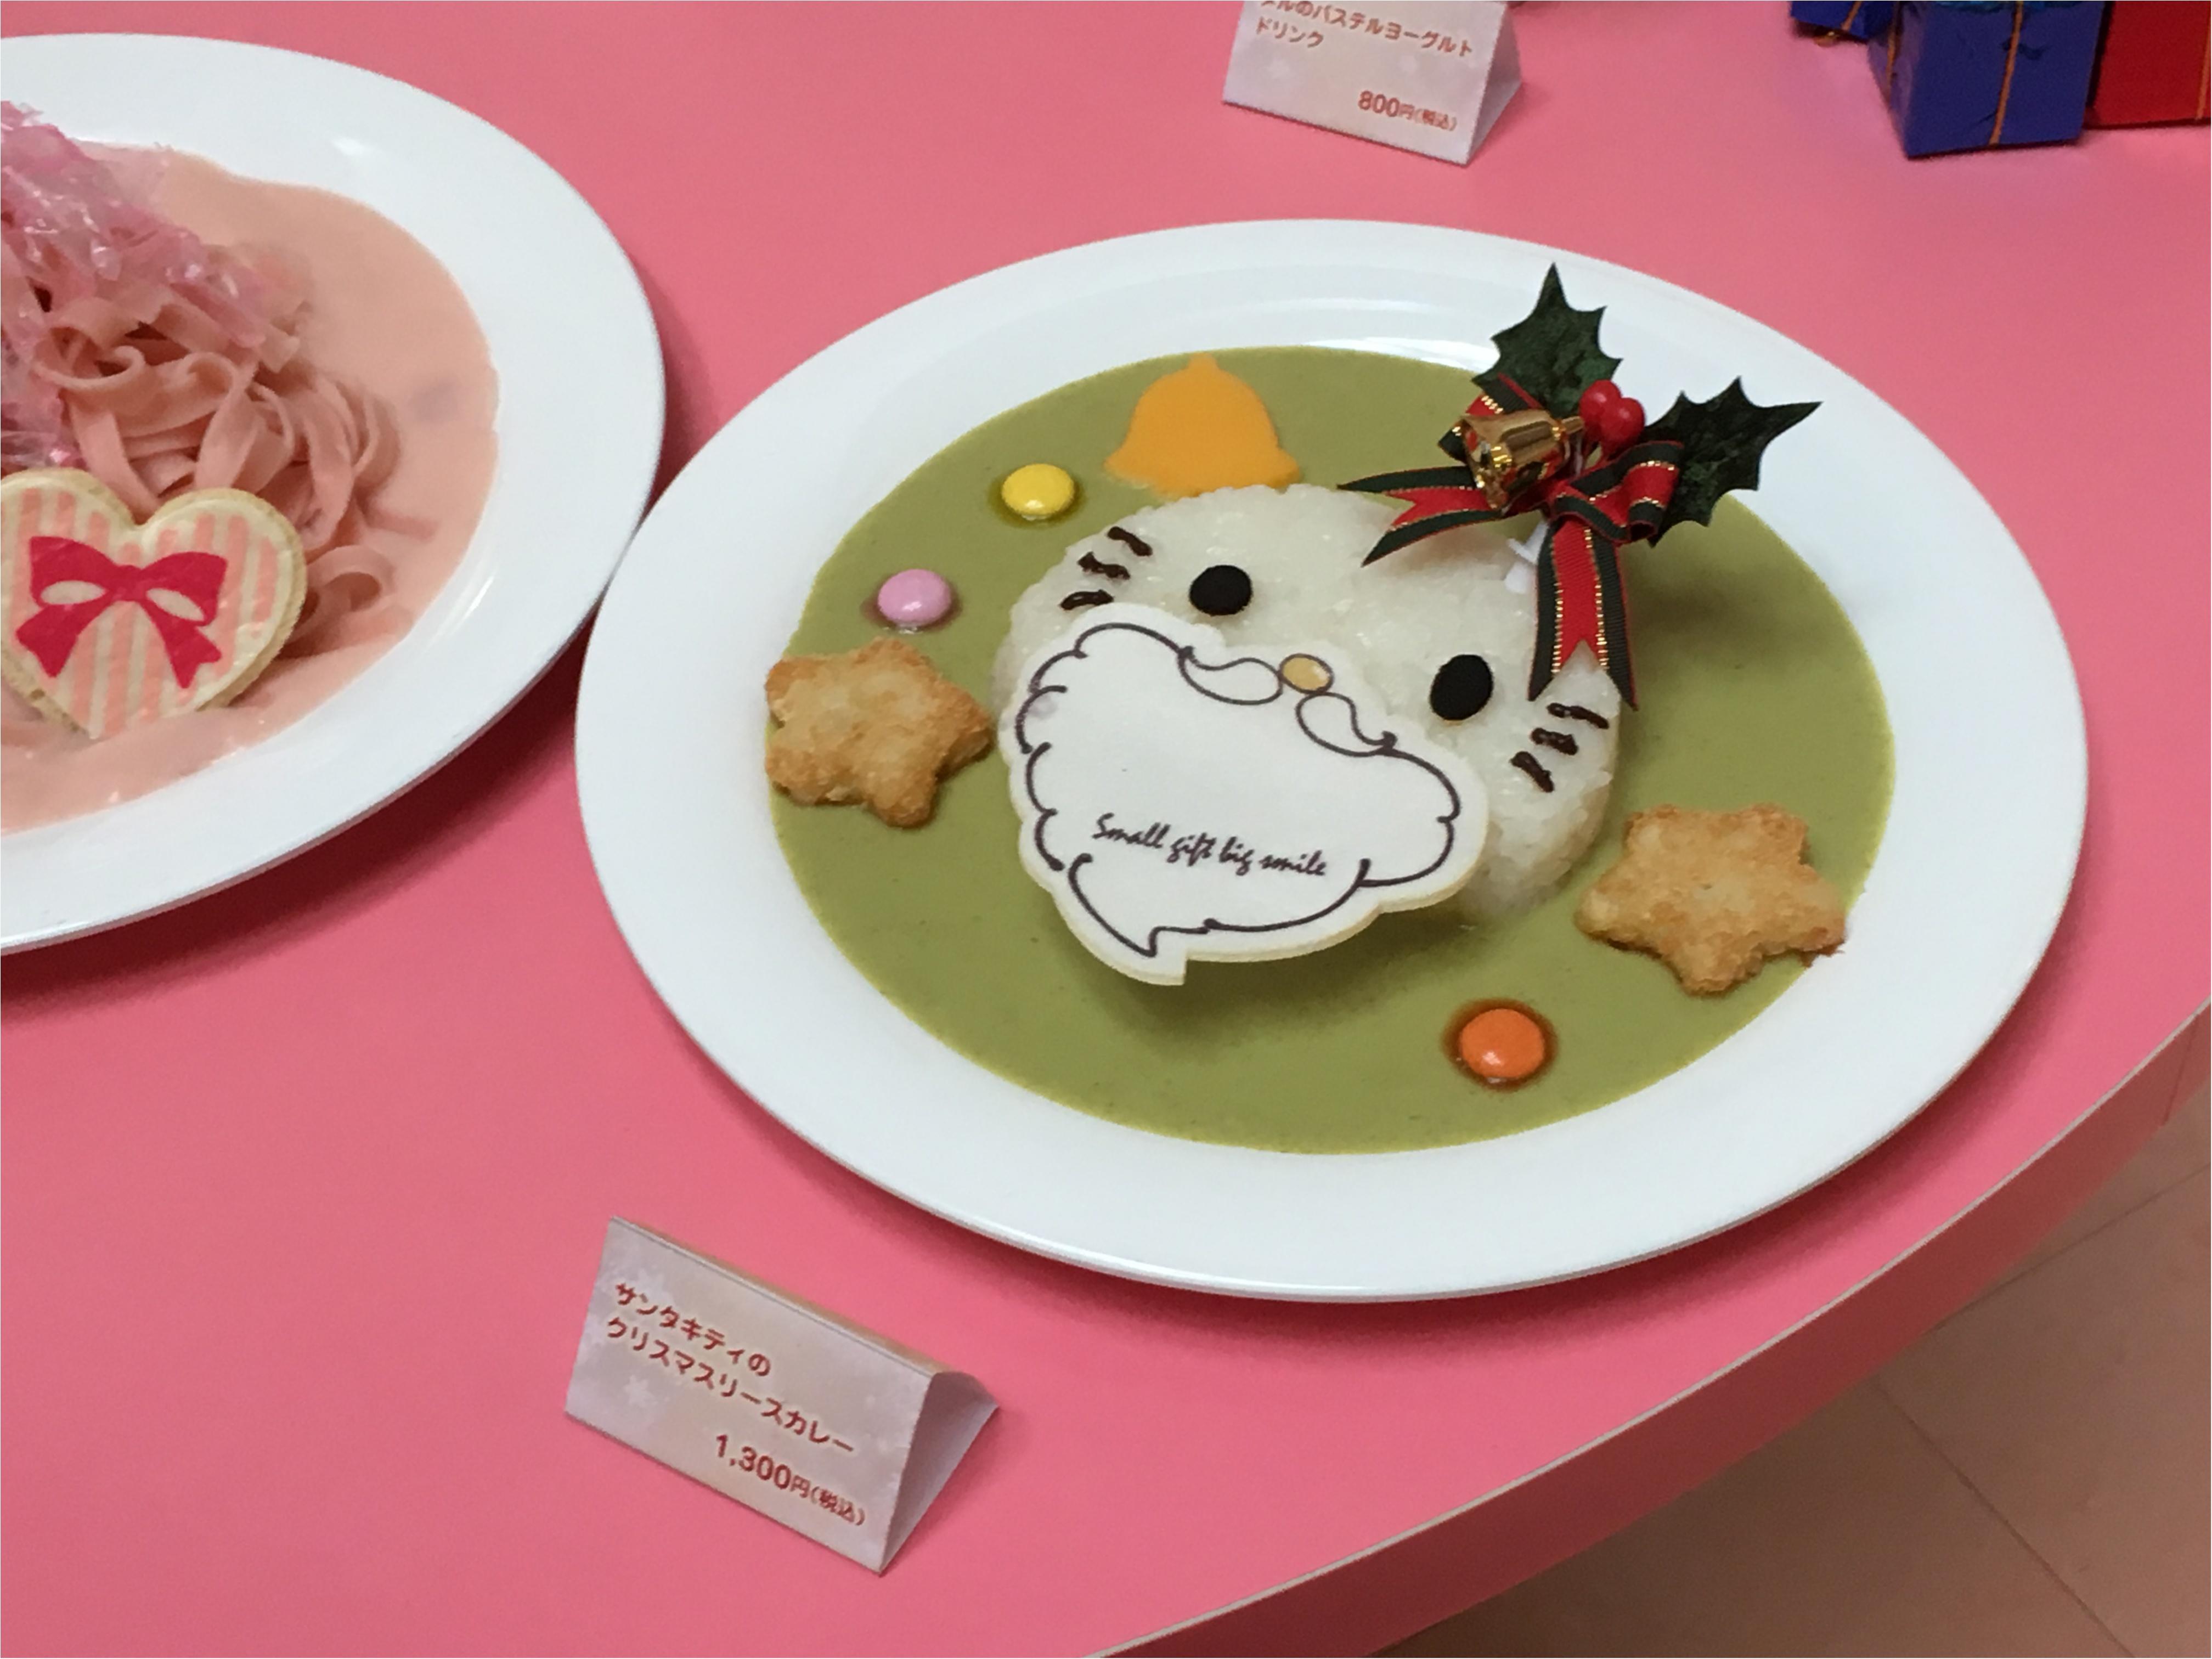 『ピューロクリスマス』-高橋愛ちゃんやトレンディエンジェルも食べた!インスタ映え◎なピューロランドのフードメニュー-_2